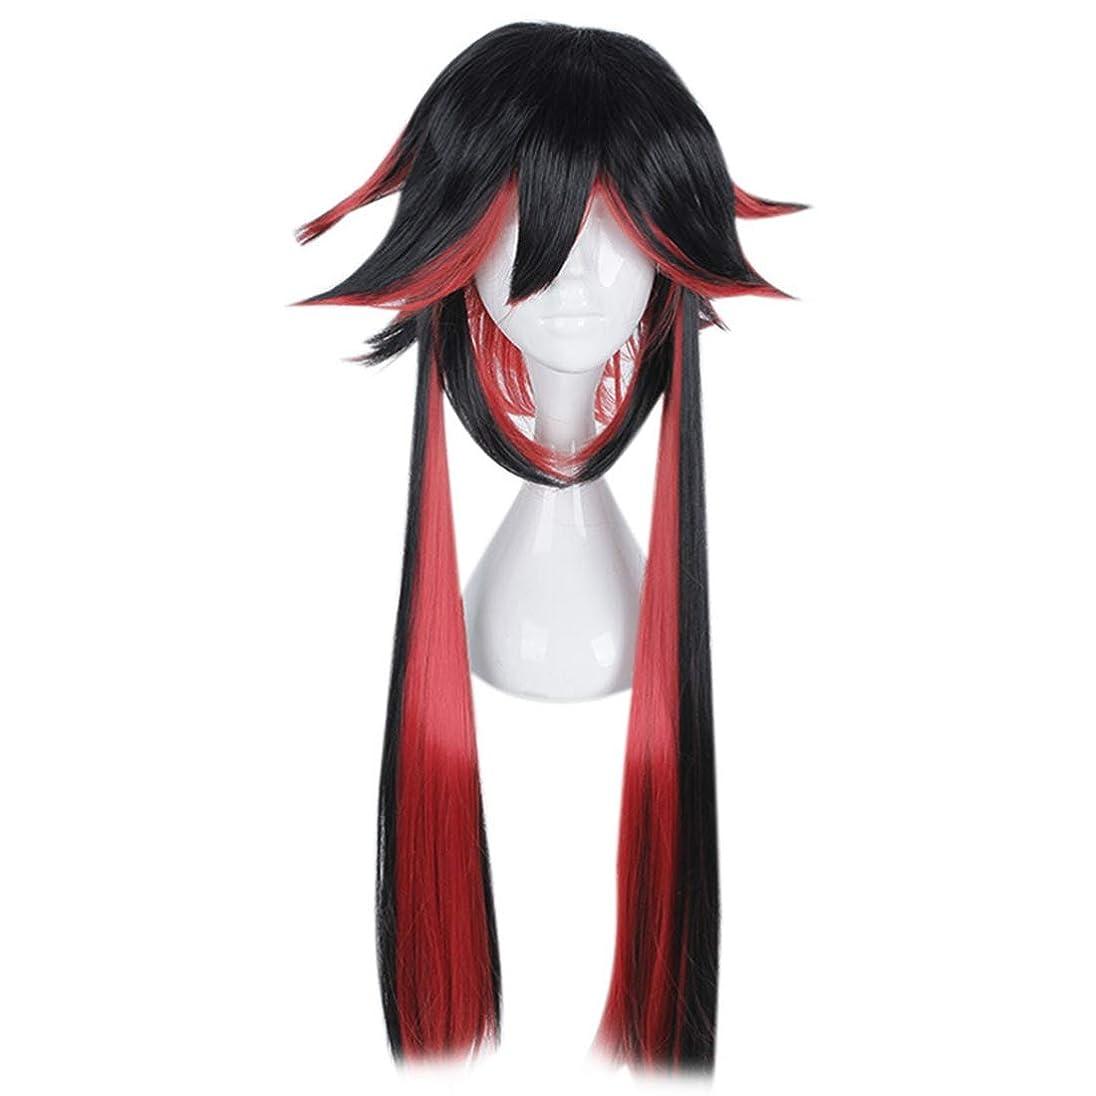 鼓舞するプレビュー工夫するBOBIDYEE コスプレウィッグ特別な外形スタイリングロングヘアコスミックスカラーウィッグマフィアシリーズアニメかつら合成髪レースかつらロールプレイングかつら (色 : Black and red color)